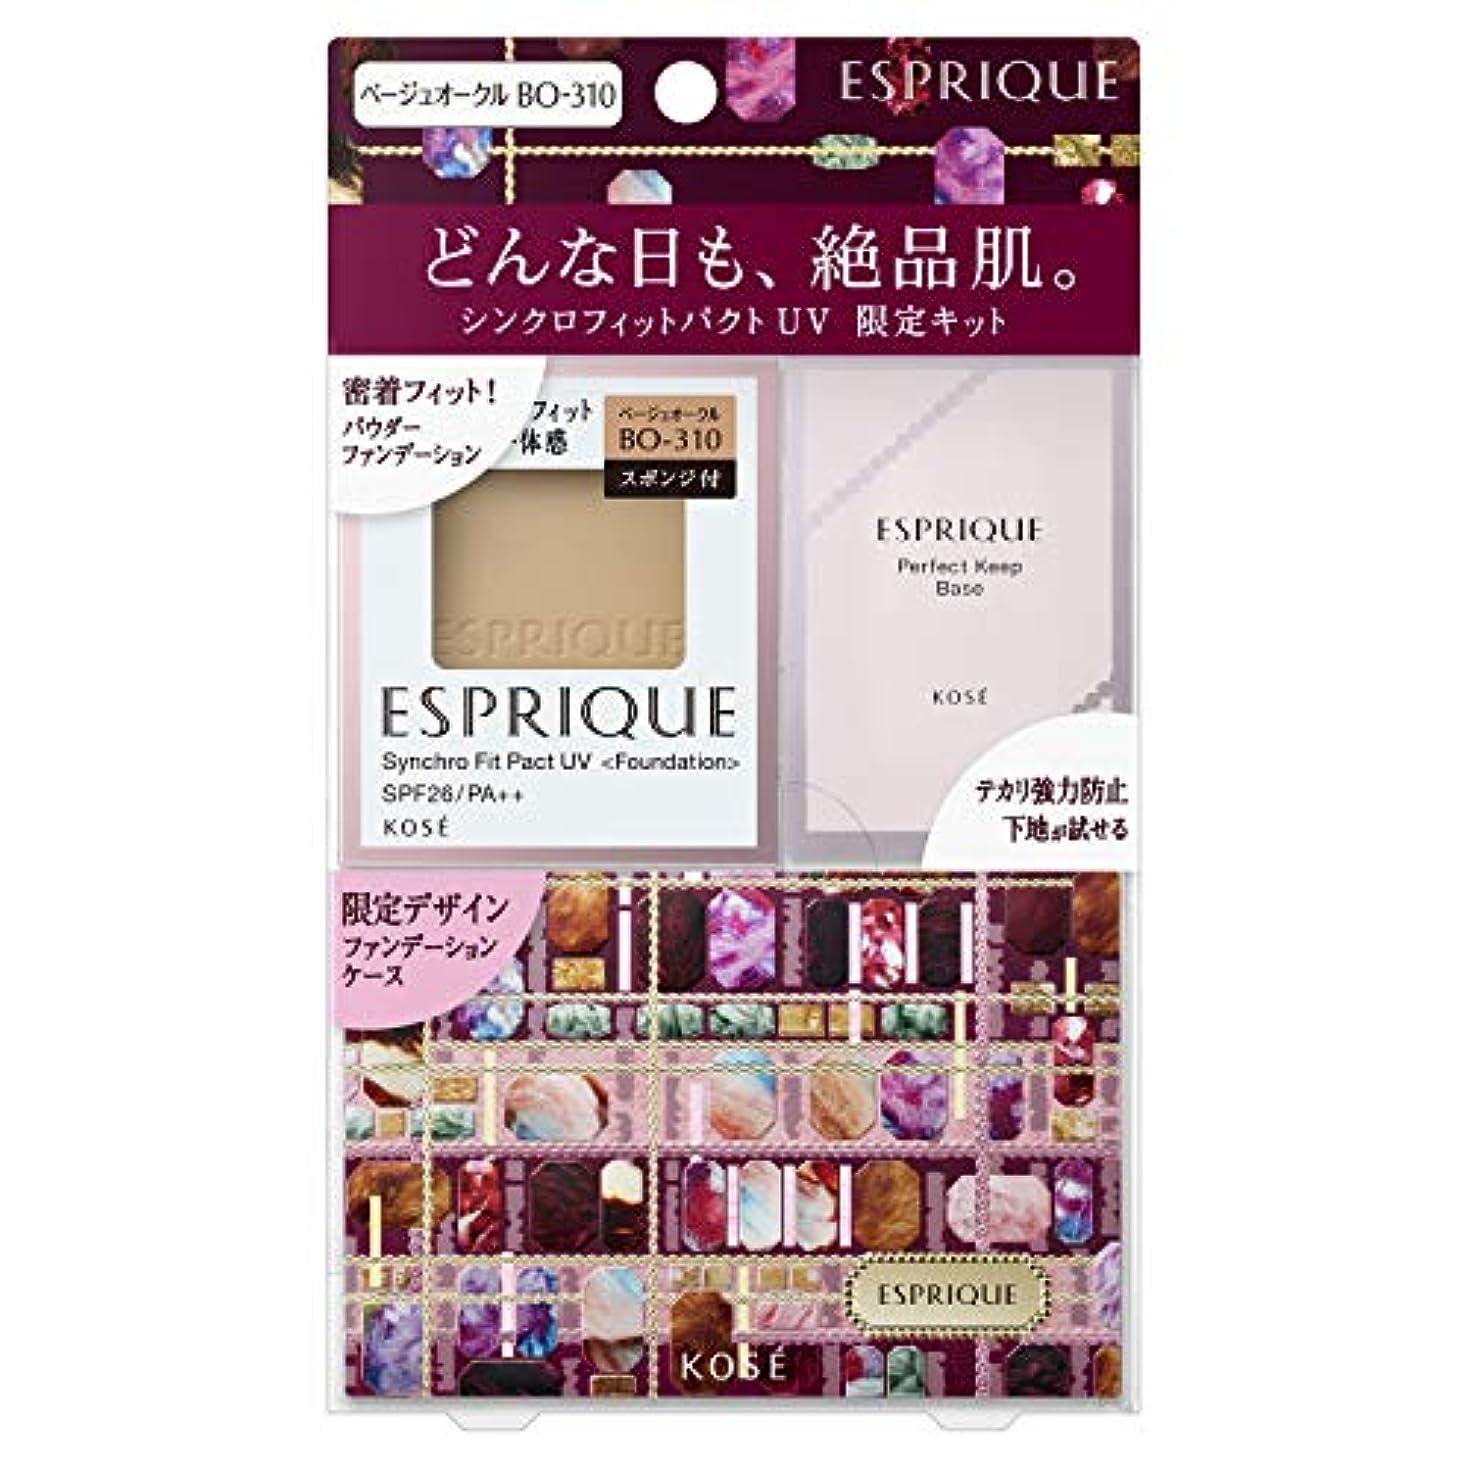 樫の木食品結晶エスプリーク シンクロフィット パクト UV 限定キット 2 BO-310 ベージュオークル